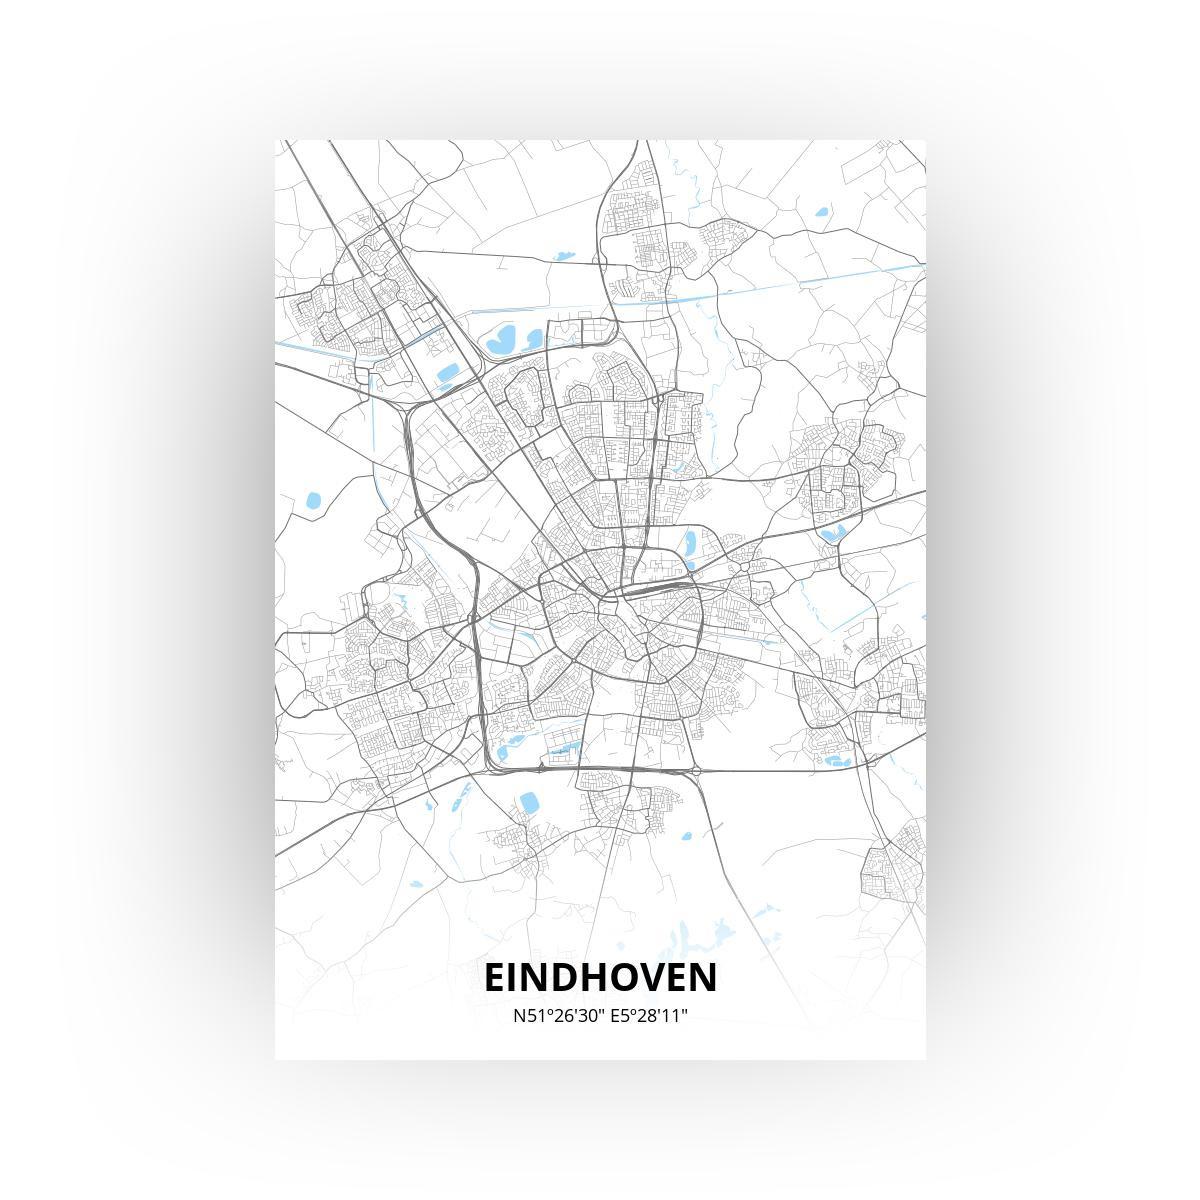 Eindhoven print - Standaard stijl